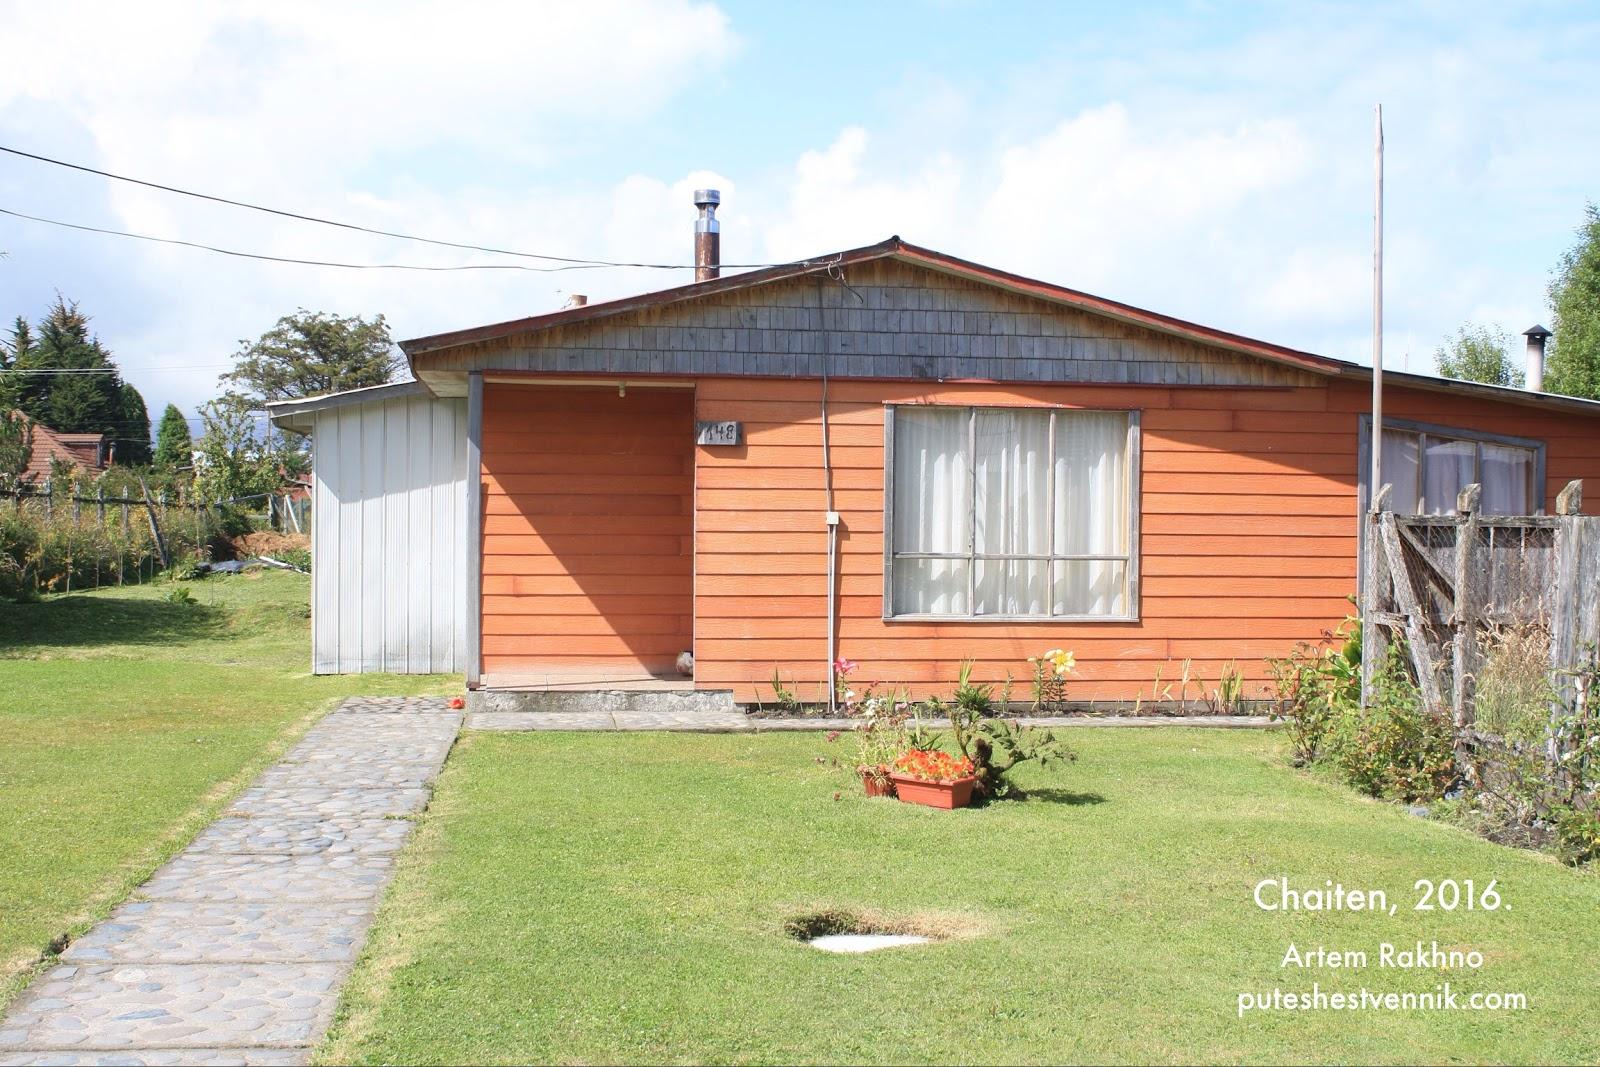 Чилийский дом в деревне Чайтен